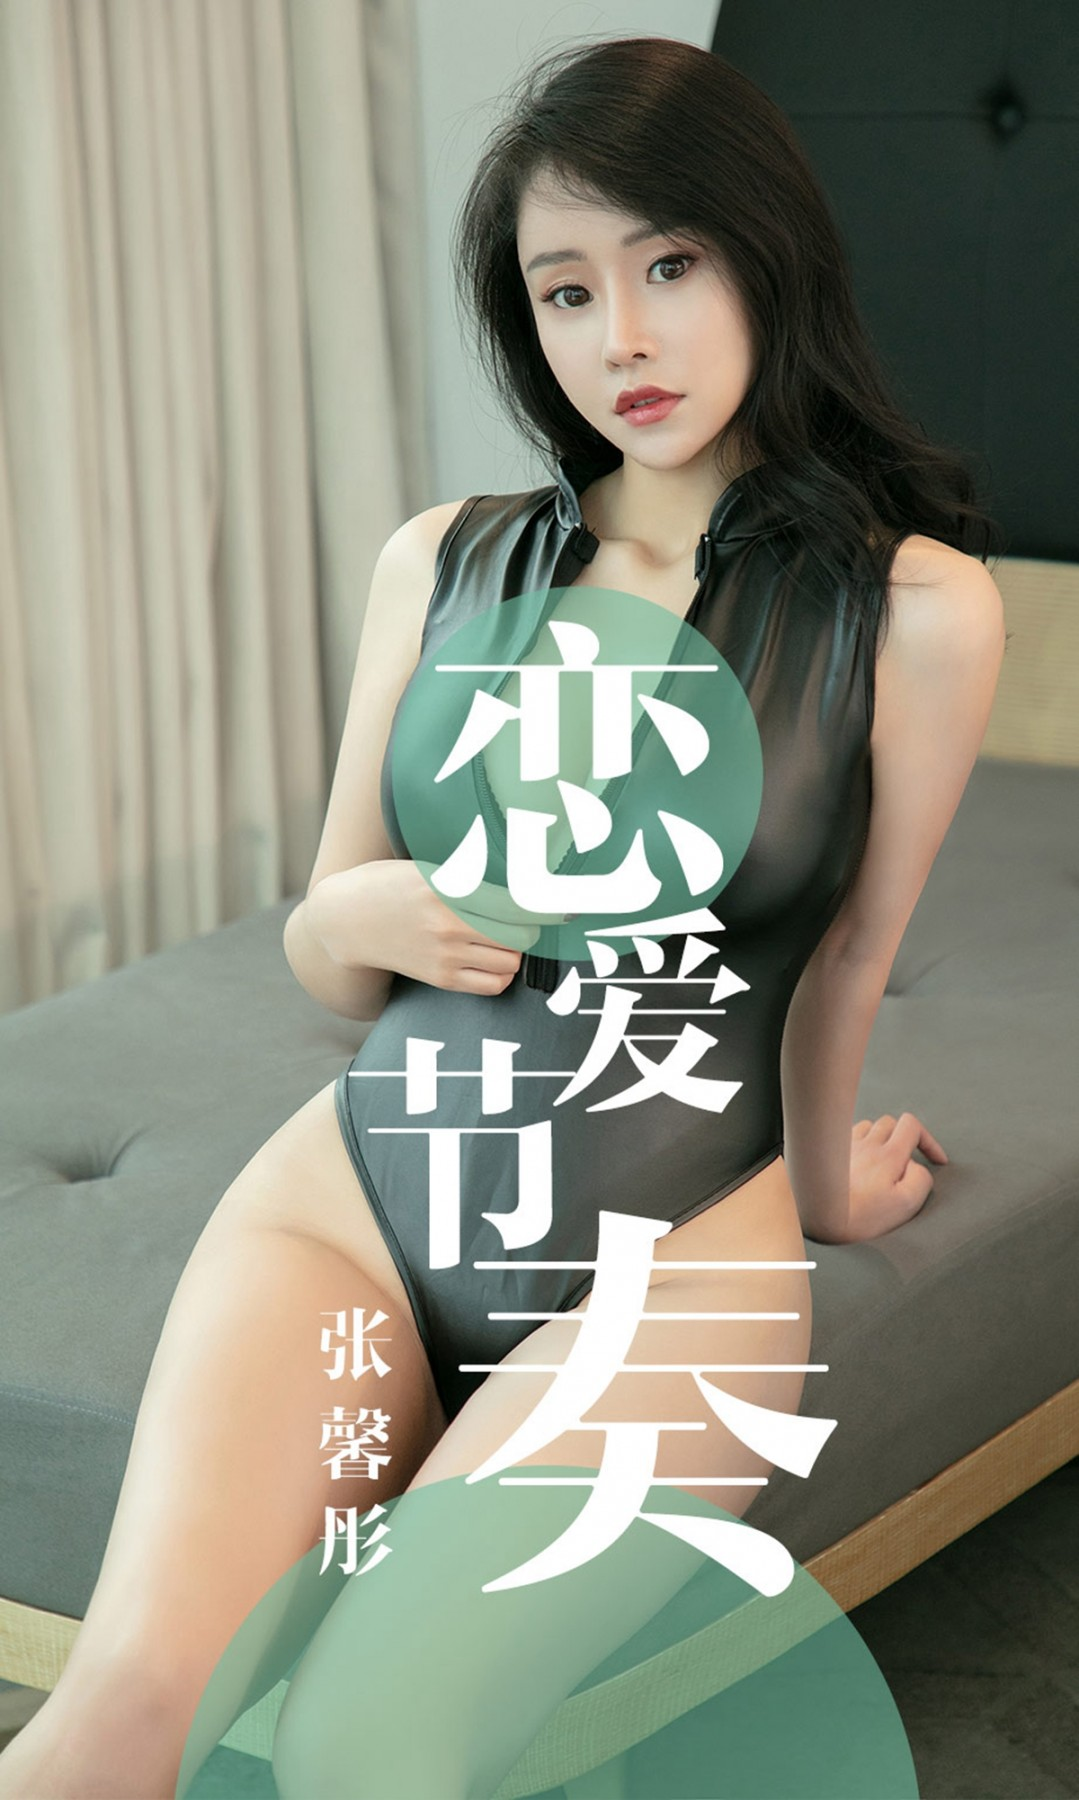 尤果圈 No.1459 恋爱节奏